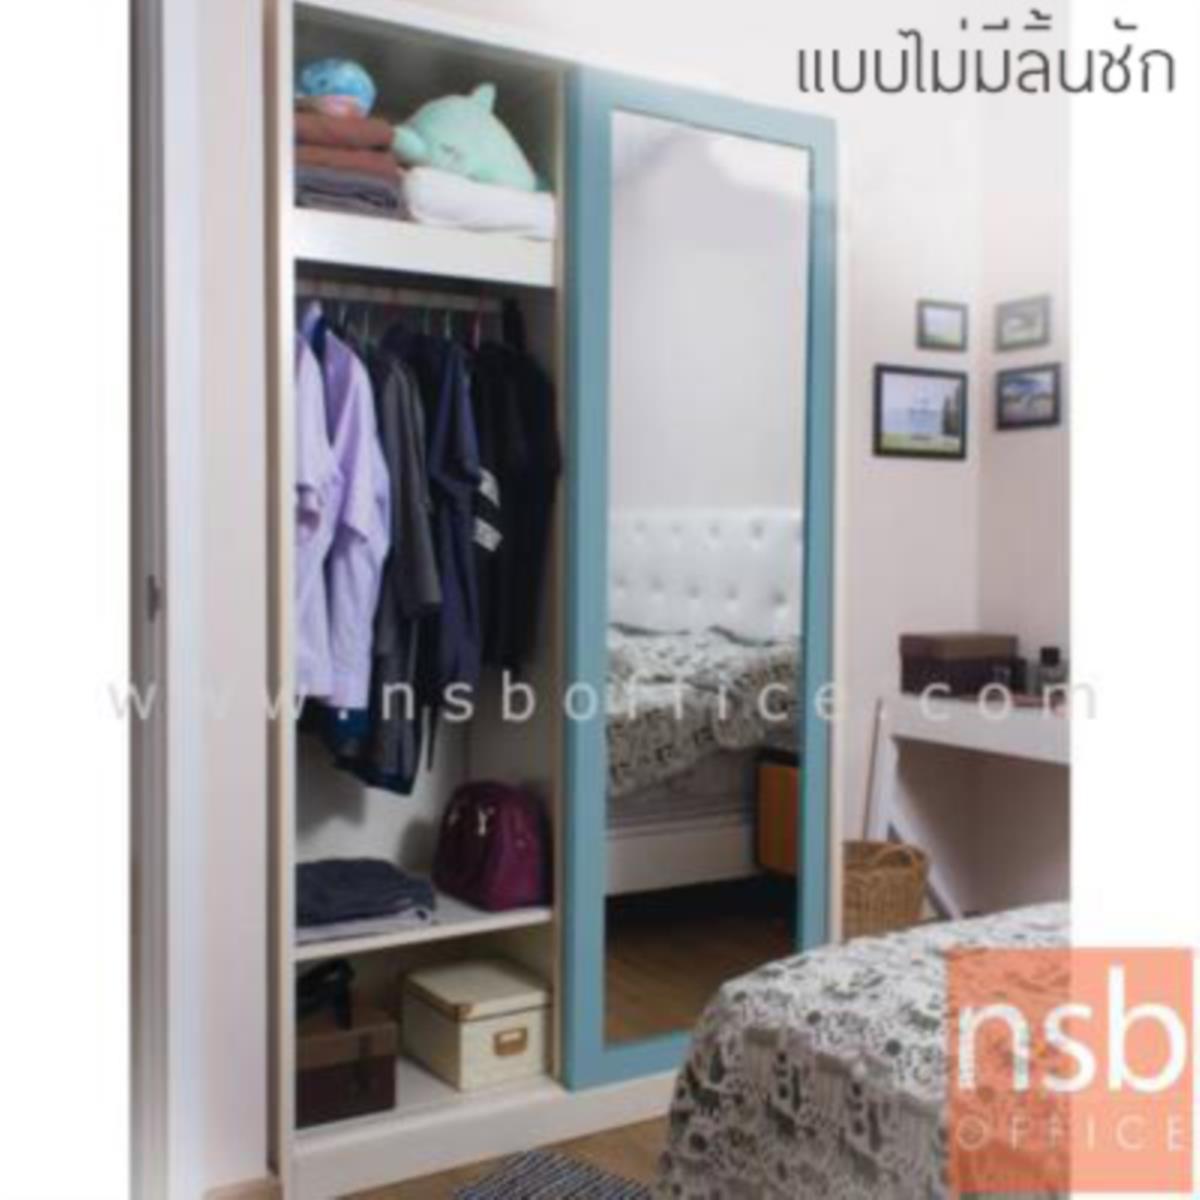 ตู้เสื้อผ้าบาน 1 บานเลื่อนทึบ 1 เลื่อนกระจกเงา สูง 200H cm. รุ่น BW-02 มีแผ่นกั้นกลาง